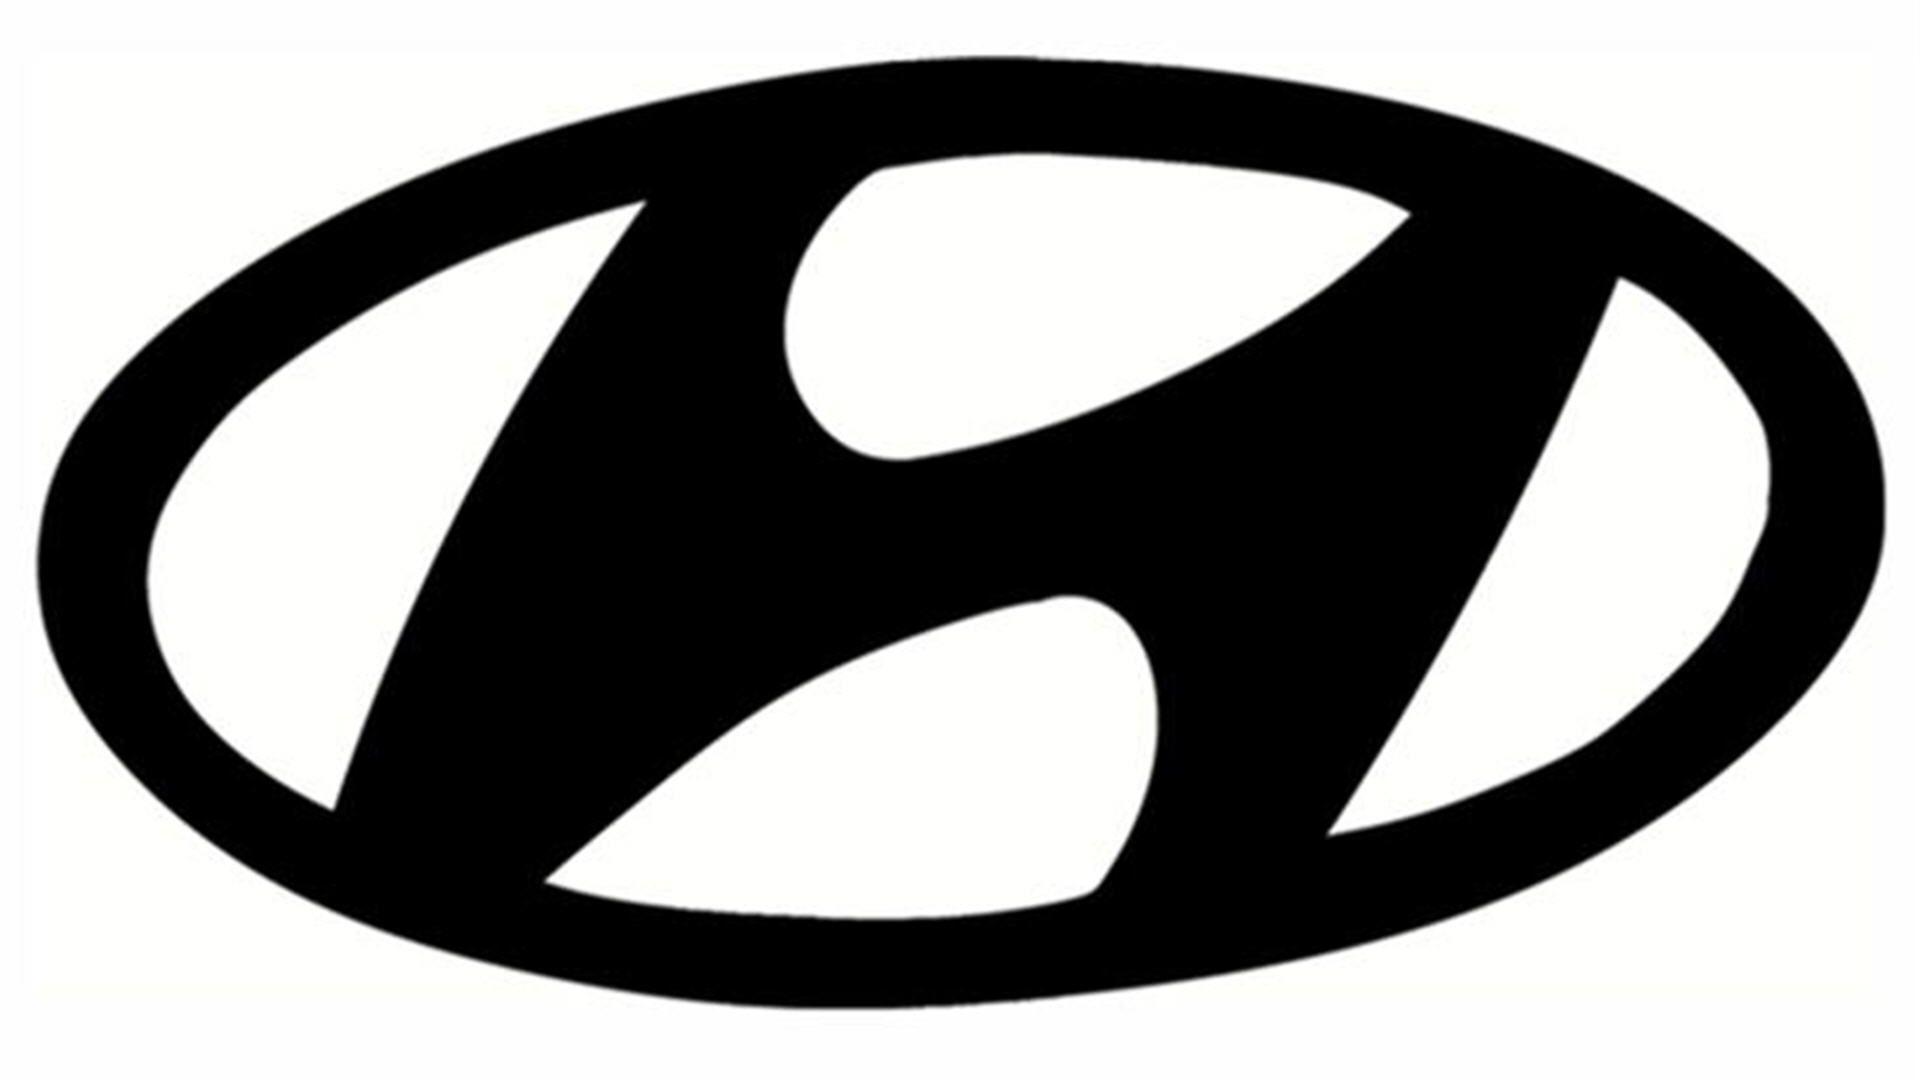 Hyundai Logo 74176 Jpg 1920 1080 Hyundai Logo Motor Company Logo Hyundai